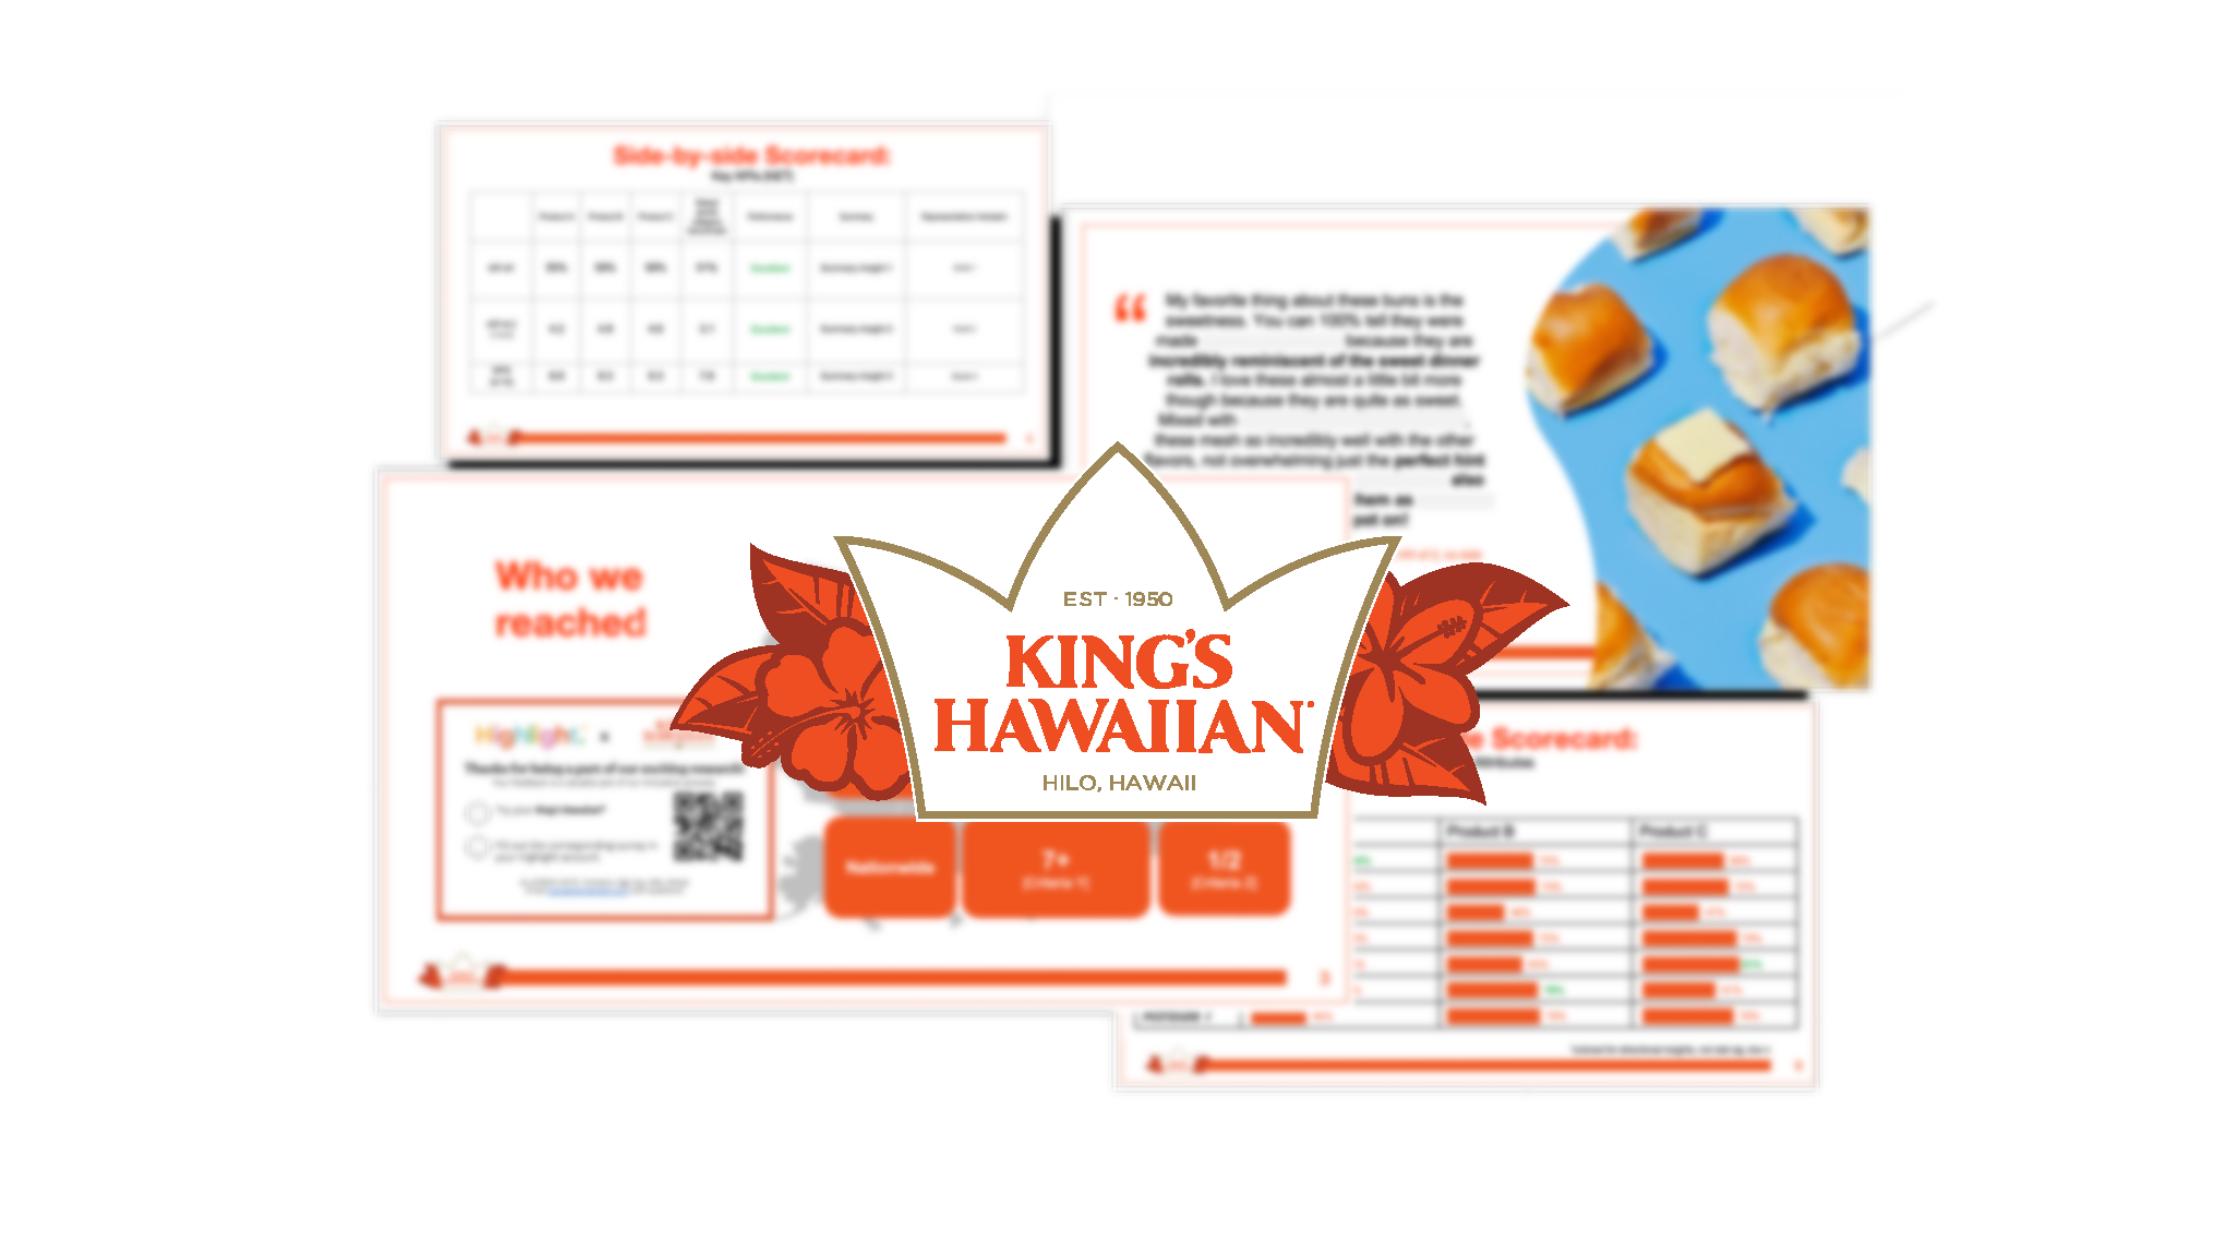 Case Study Header Image - Kings Hawaiian